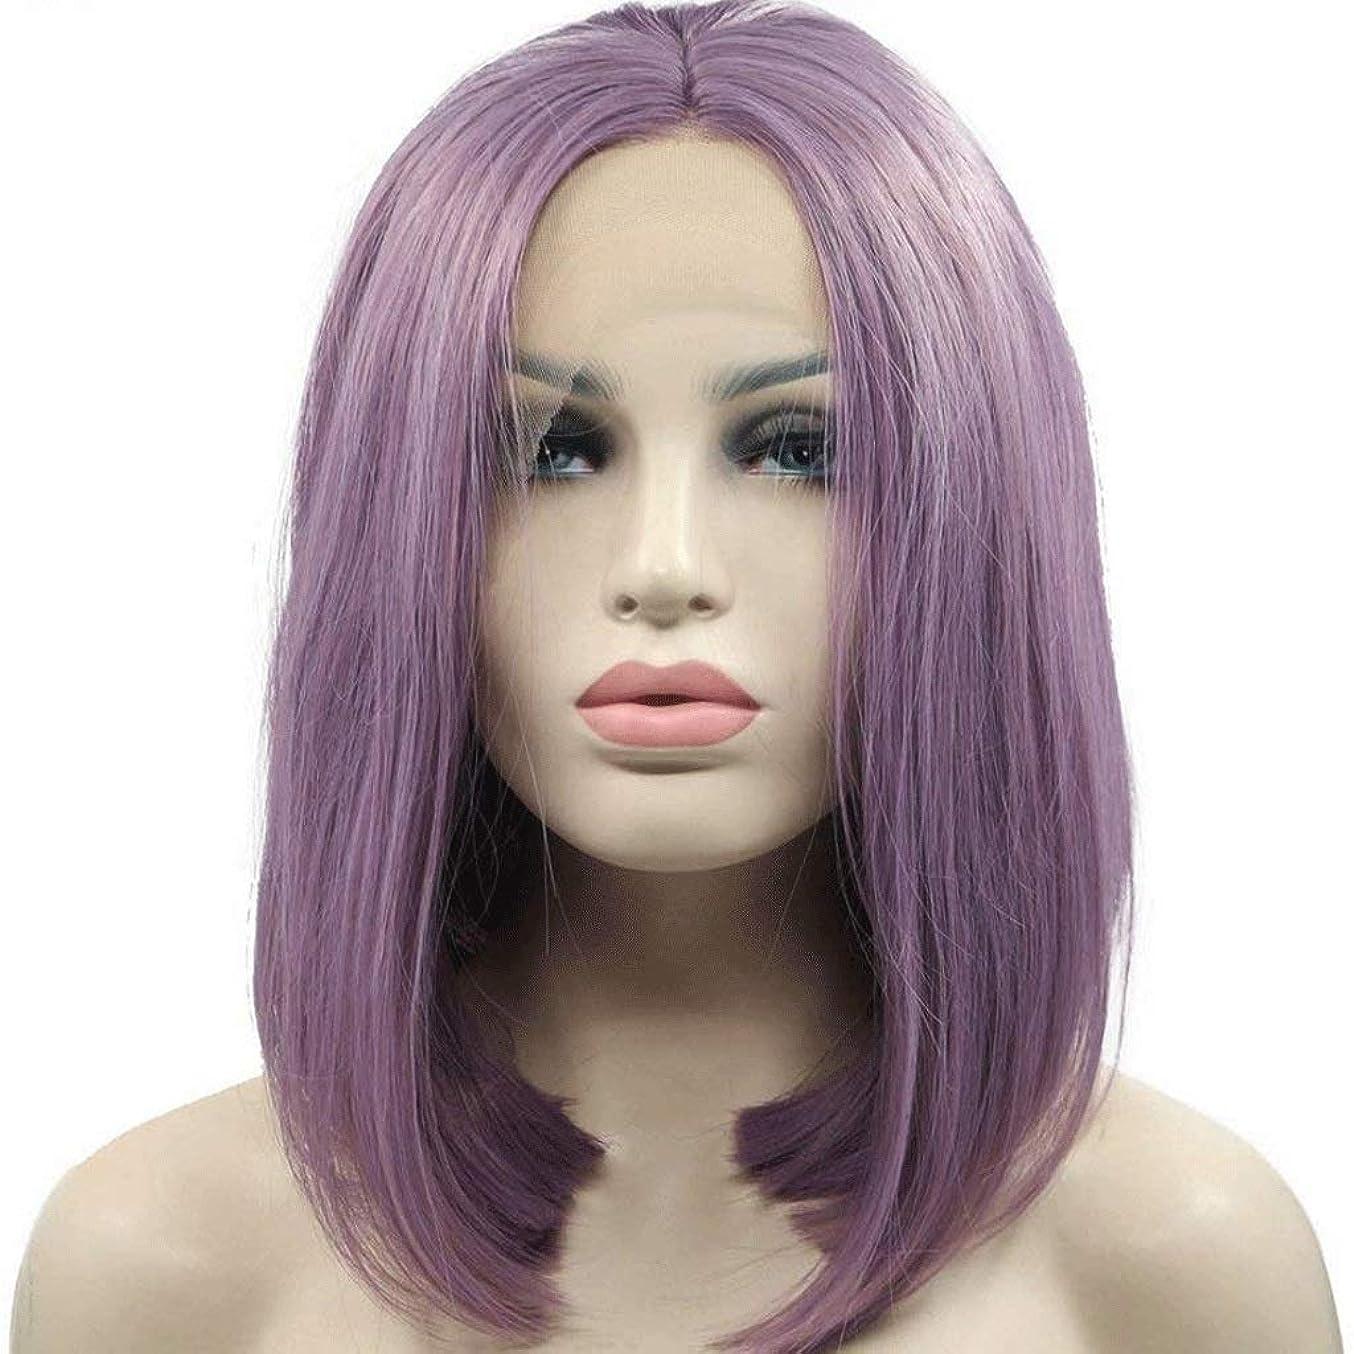 ひらめき証言自分の力ですべてをする紫色の短いボブストレートヘアかつら合成レースフロントかつら、女性のための耐熱中央別れCospalyパーティー14インチ (色 : Purple)